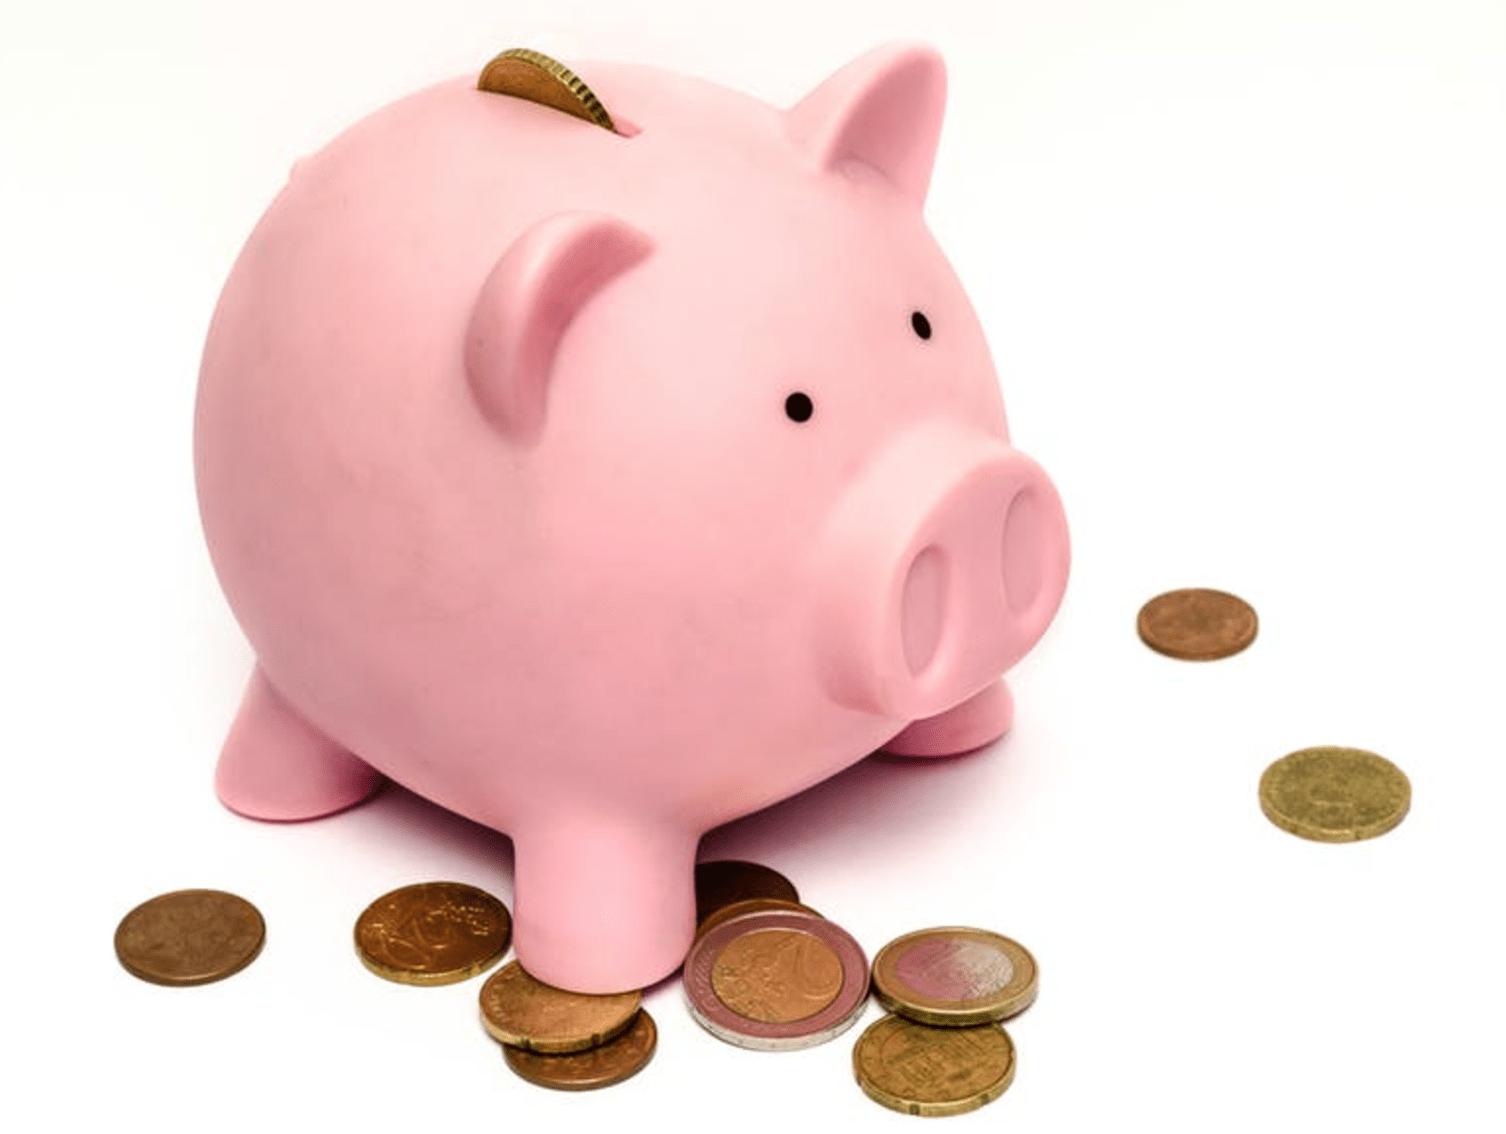 ¿La falta de dinero te genera ansiedad y estrés?